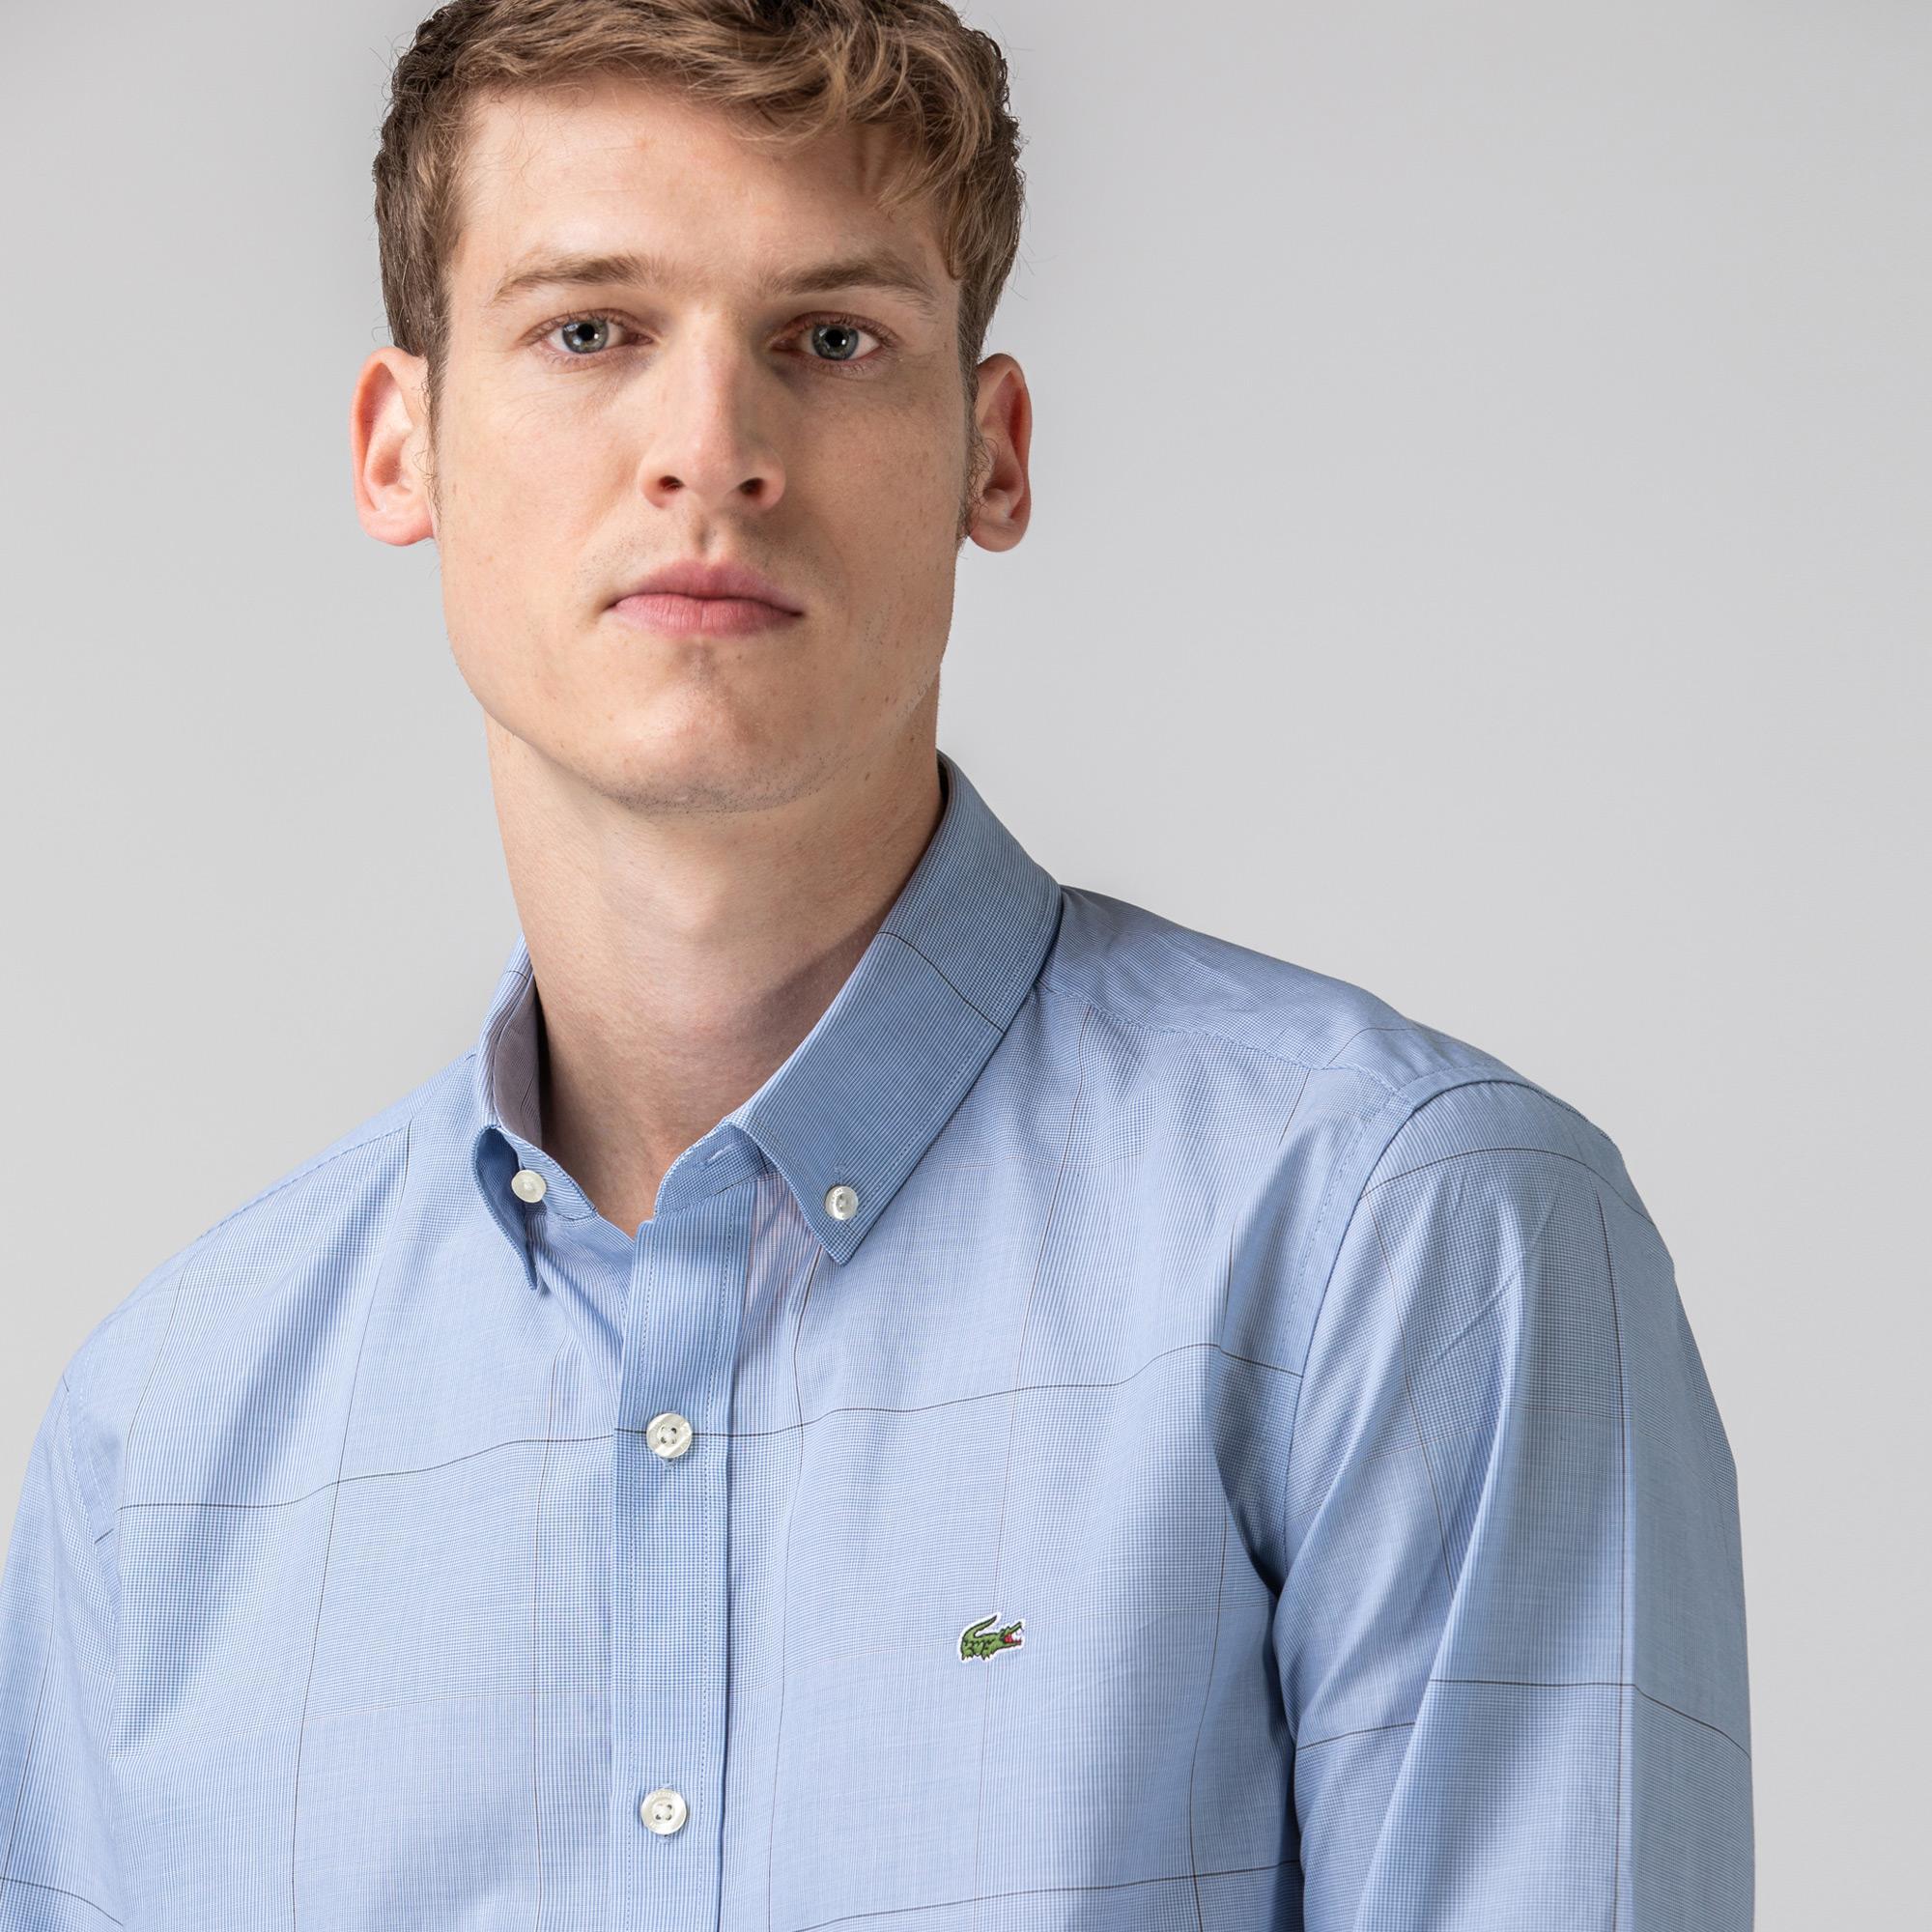 Lacoste Erkek Slim Fit Ekose Desenli Mavi Gömlek